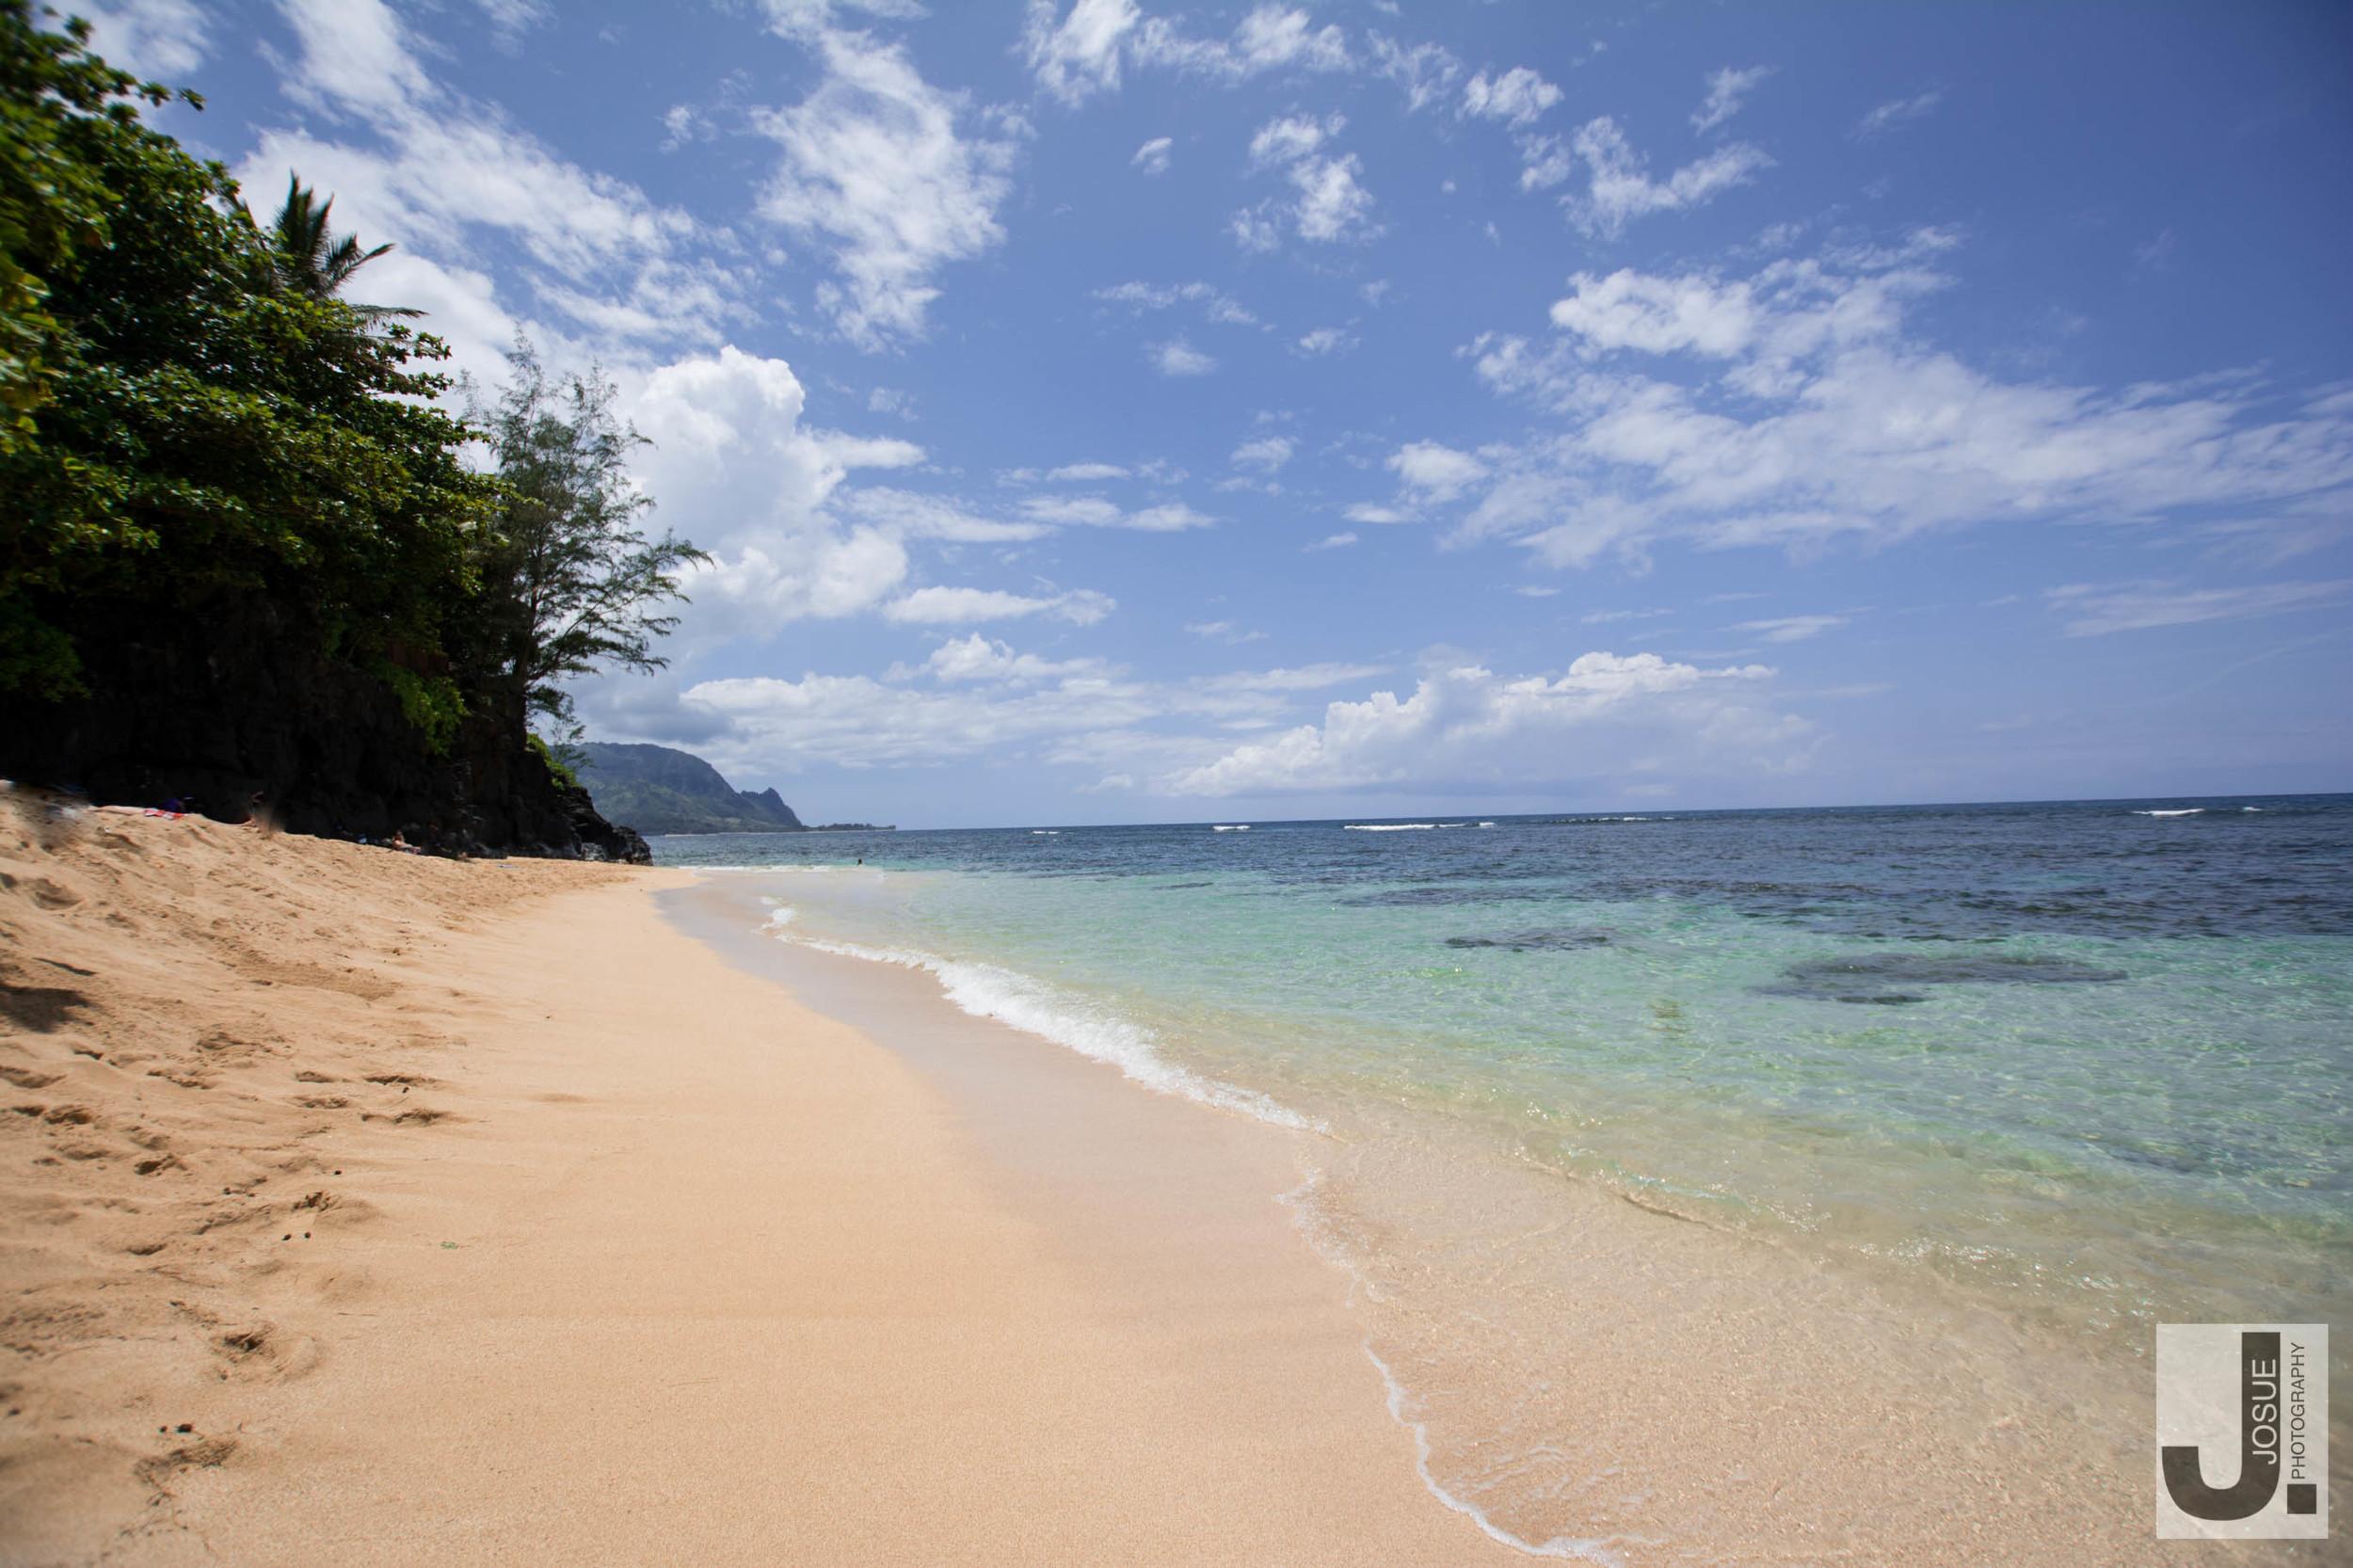 kauai-14.jpg